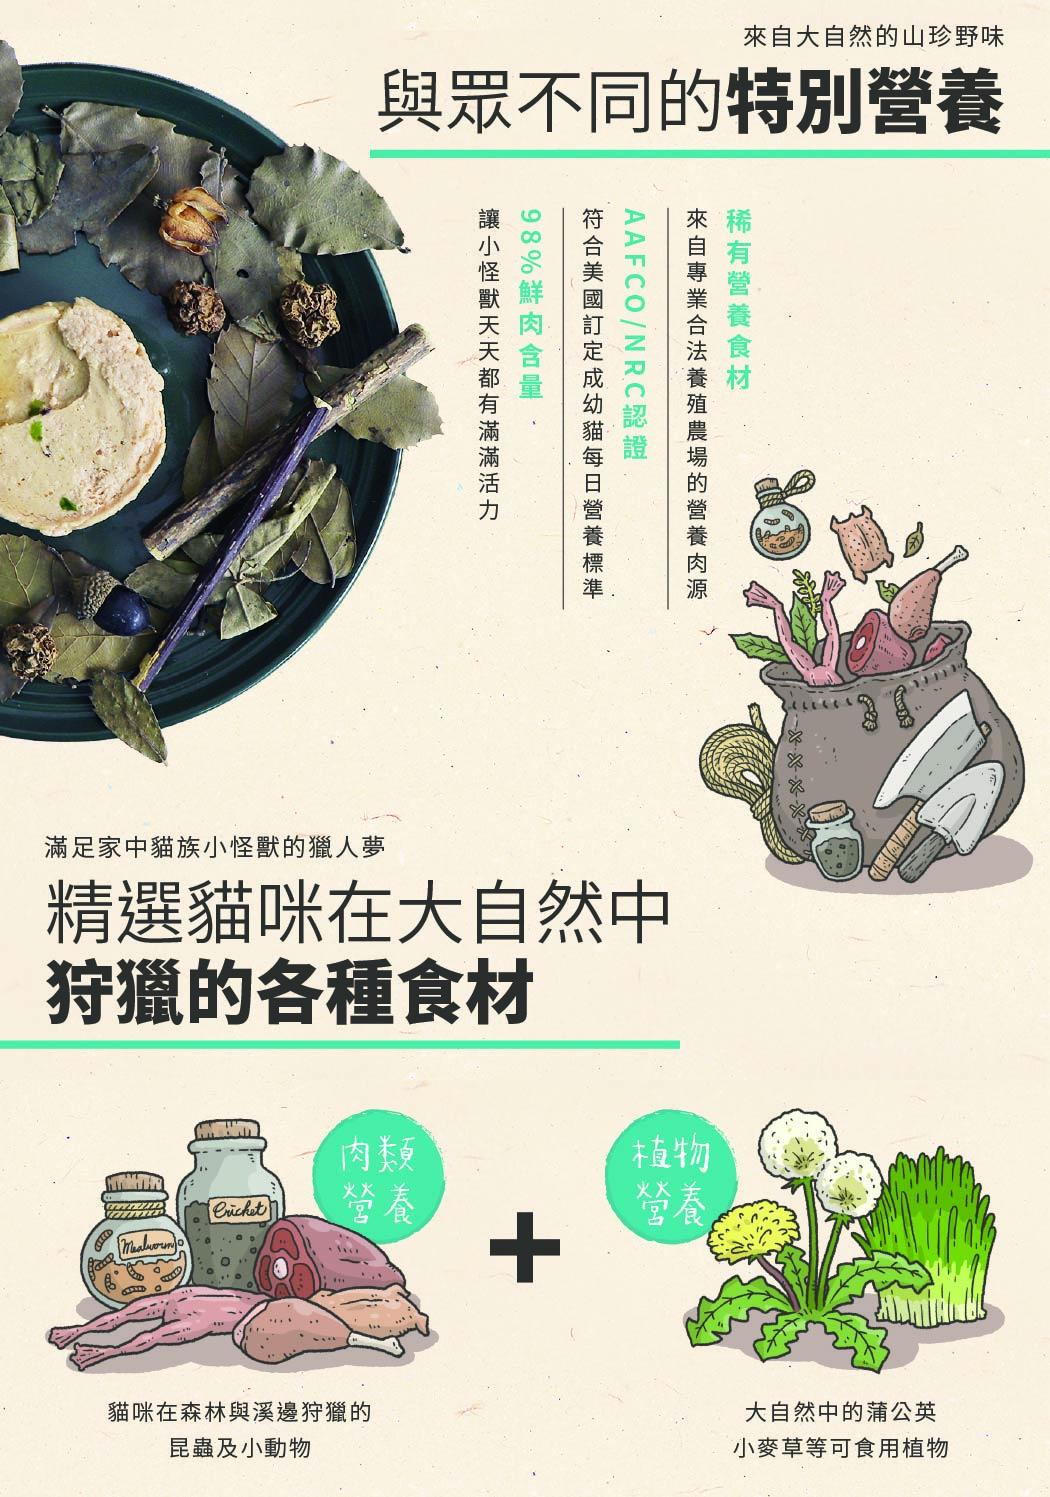 [喵皇帝] 怪獸部落 貓族 小怪獸野味無膠主食罐 165G 雞肉白鼠蟋蟀麵包蟲兔肉青蛙貓罐頭